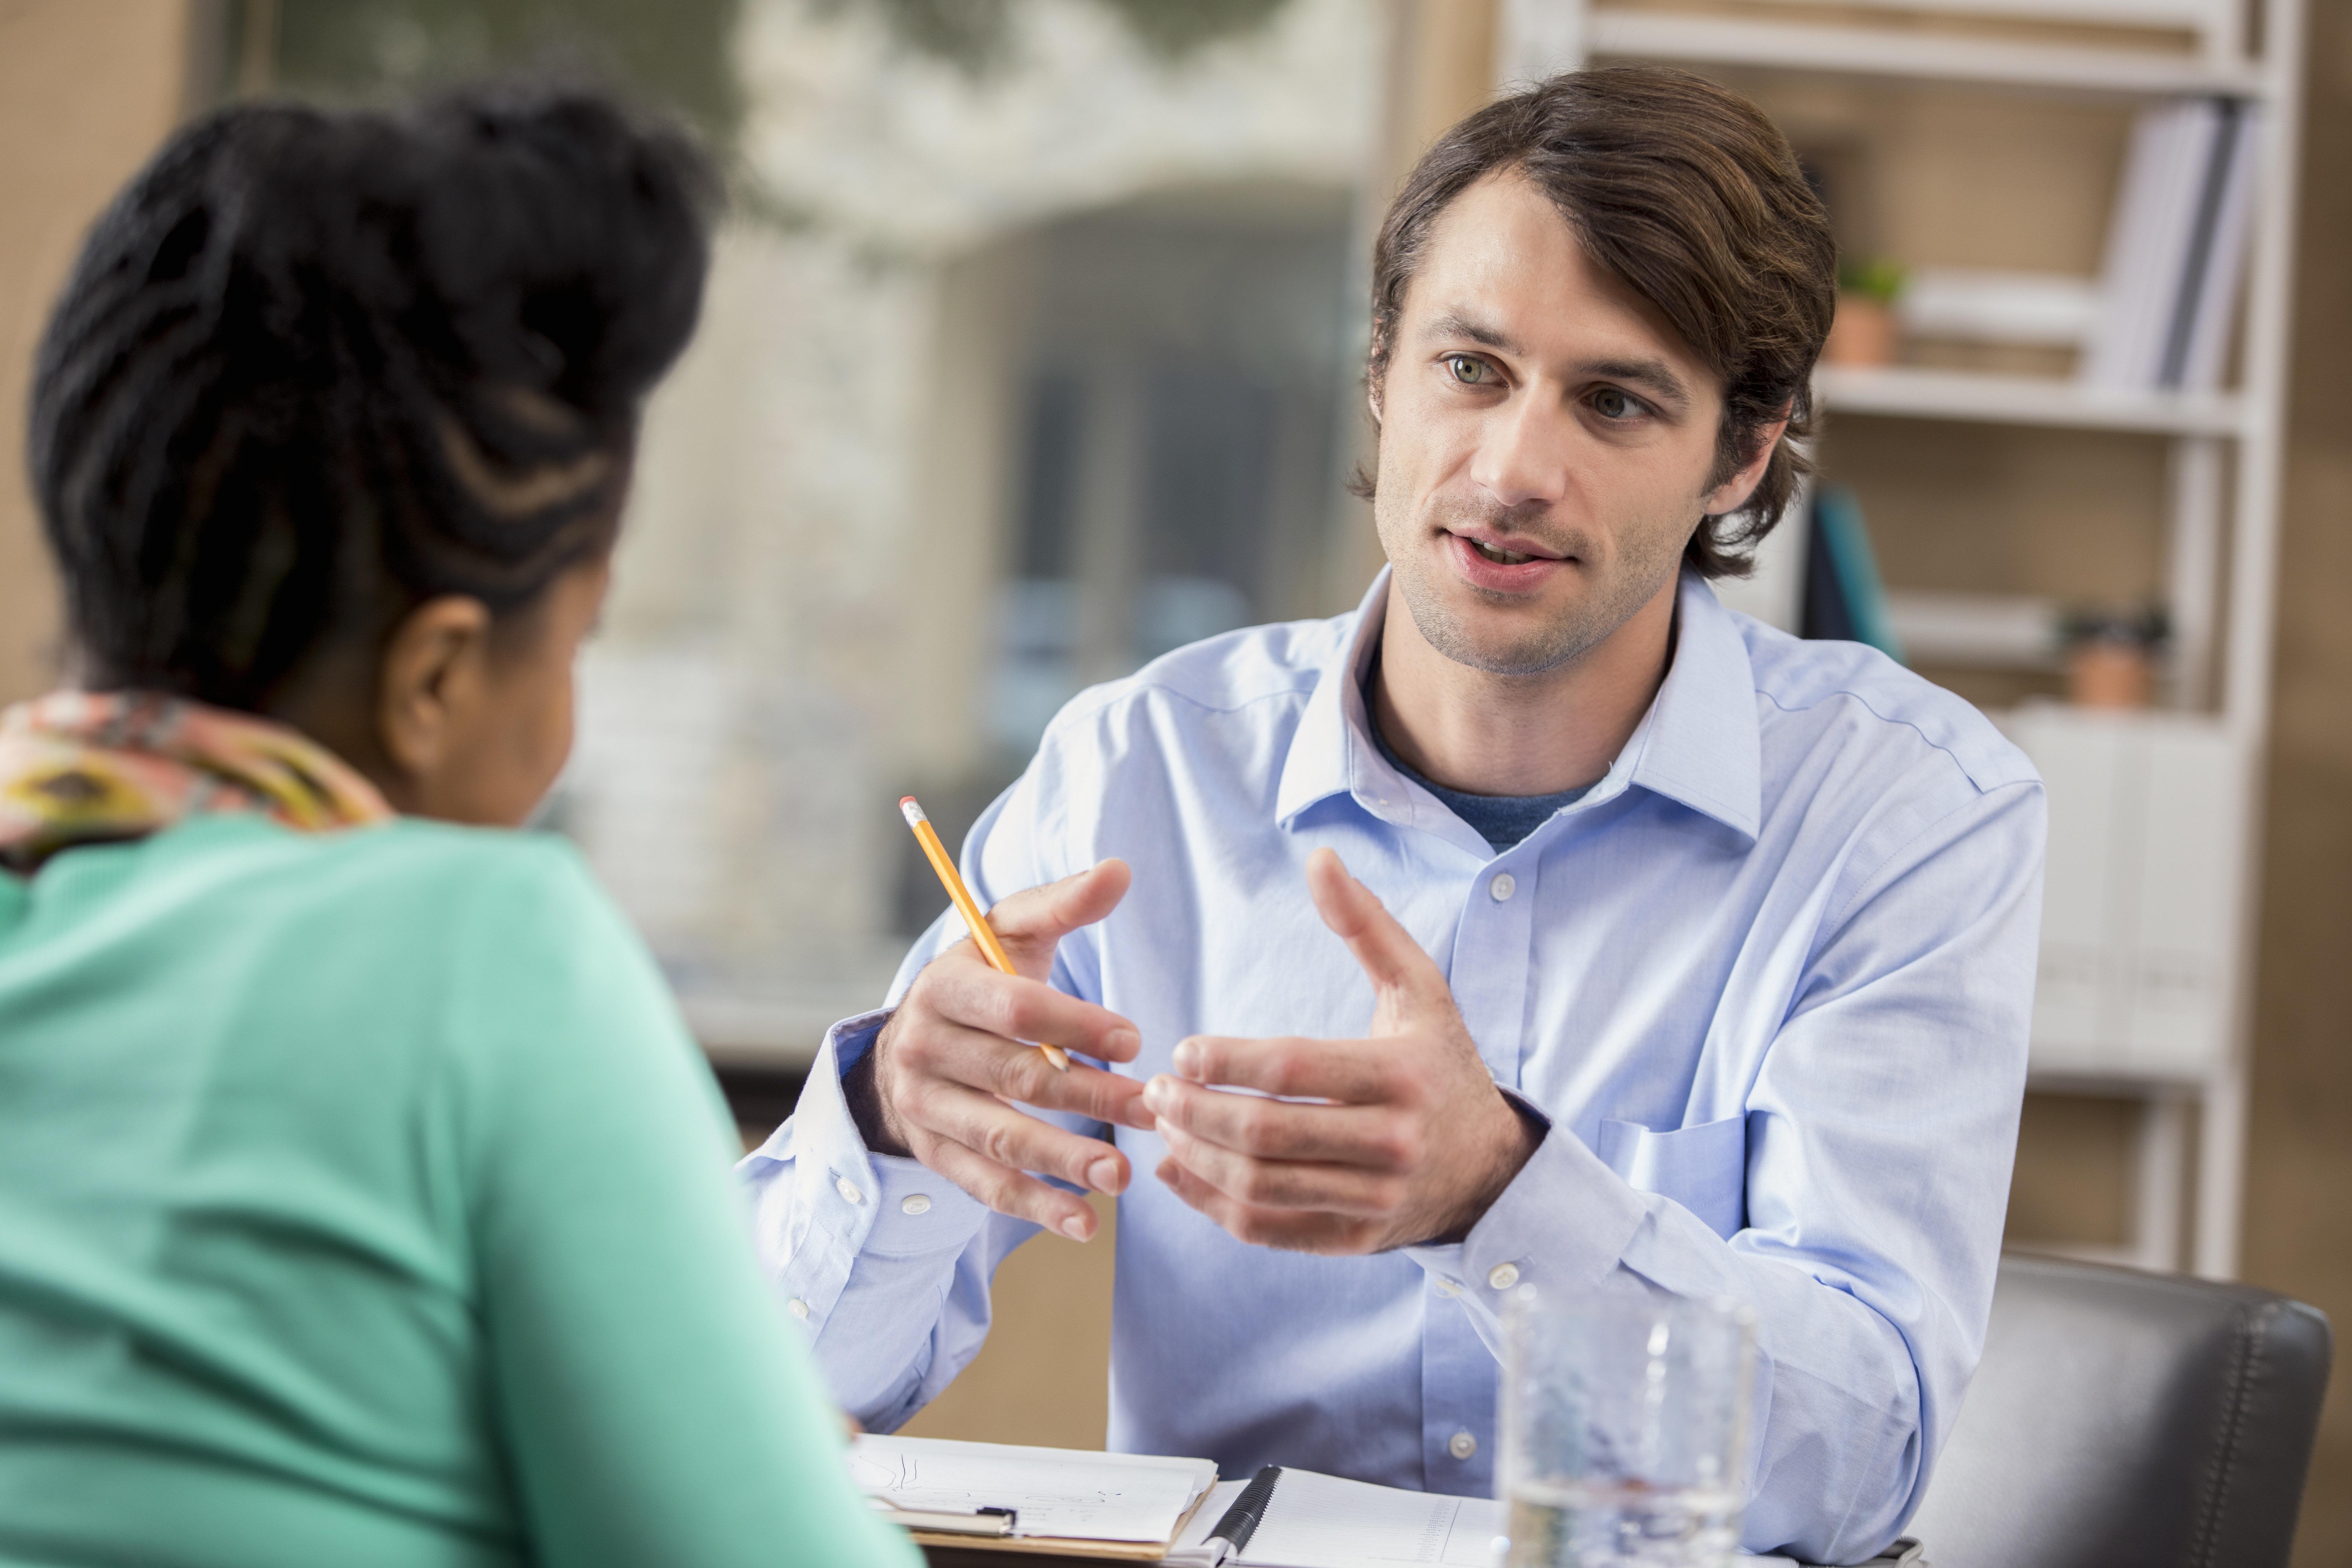 6 συμβουλές πριν ζητήσετε αύξηση ή διαπραγματευτείτε το μισθό σας εν έτει